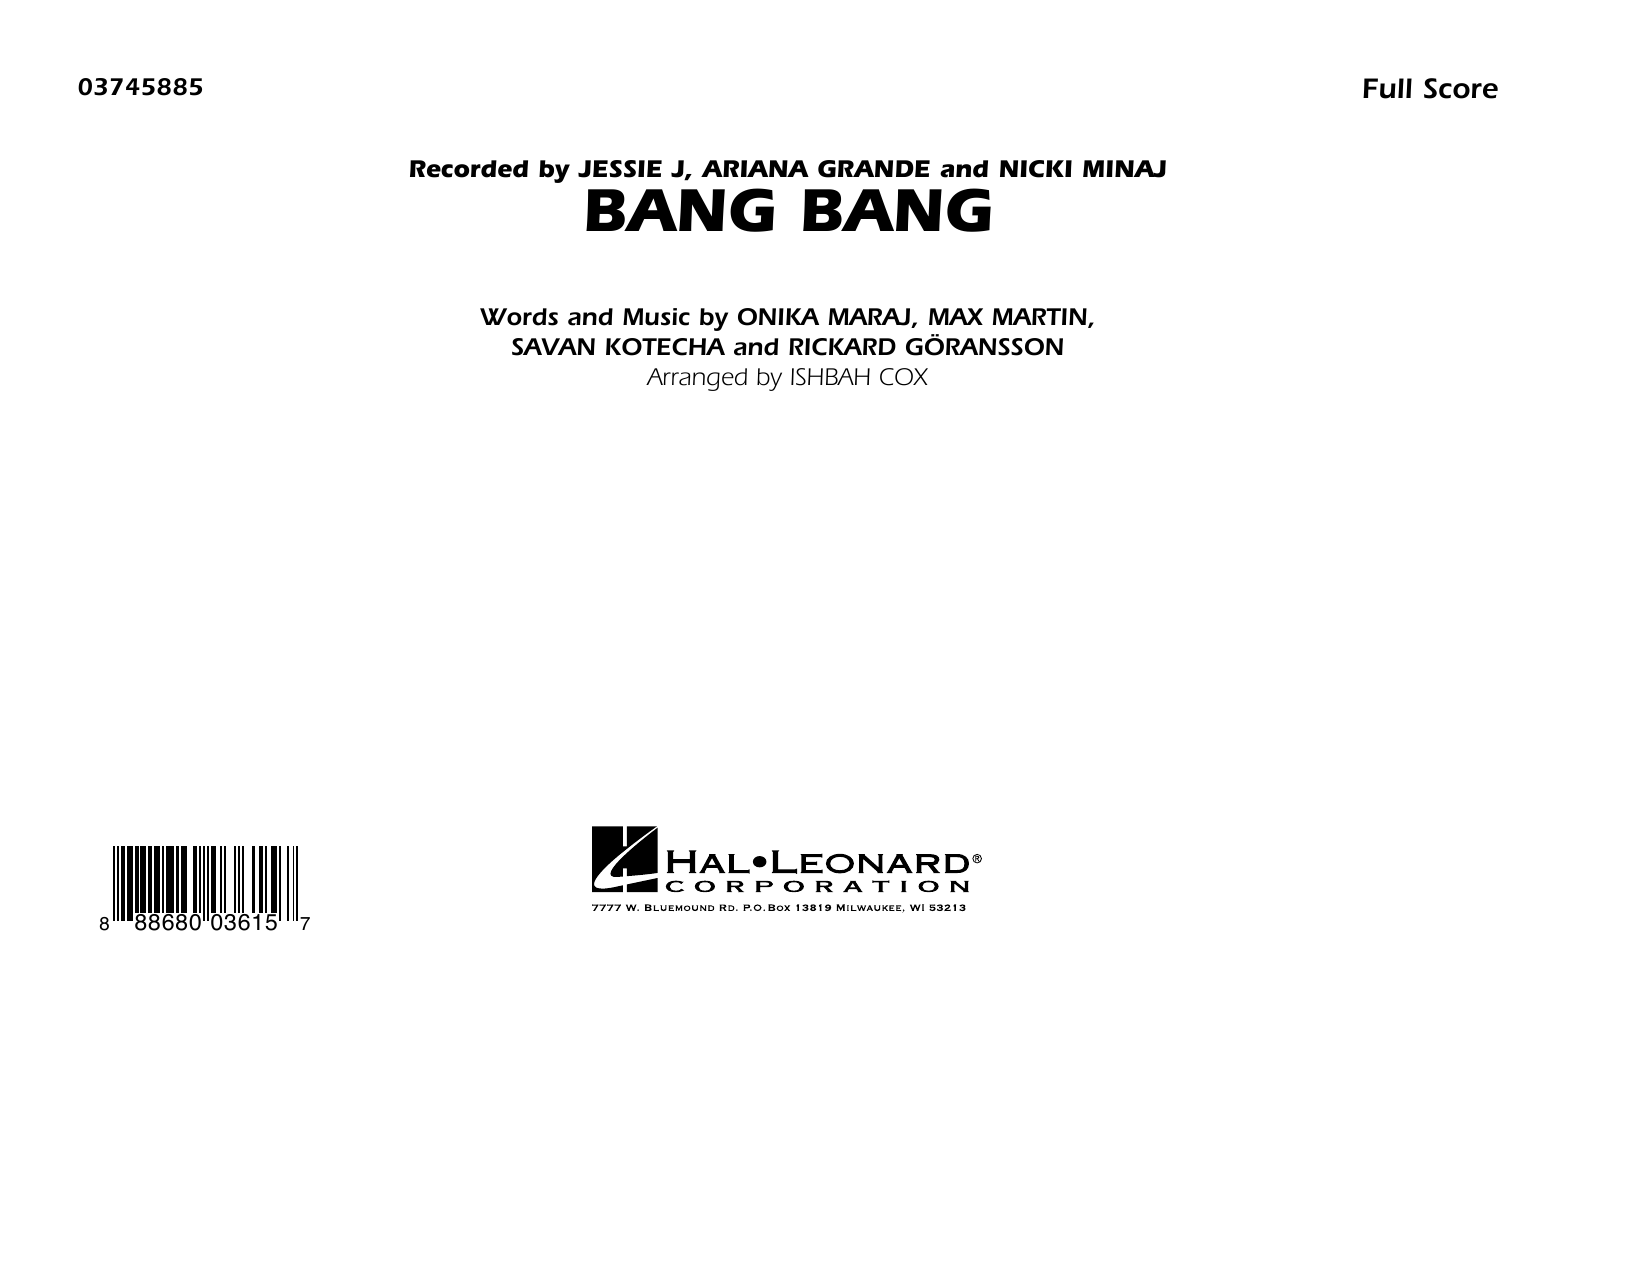 Bang Bang (COMPLETE) sheet music for marching band by Ishbah Cox, Max Martin, Onika Maraj, Rickard Goransson and Savan Kotecha. Score Image Preview.